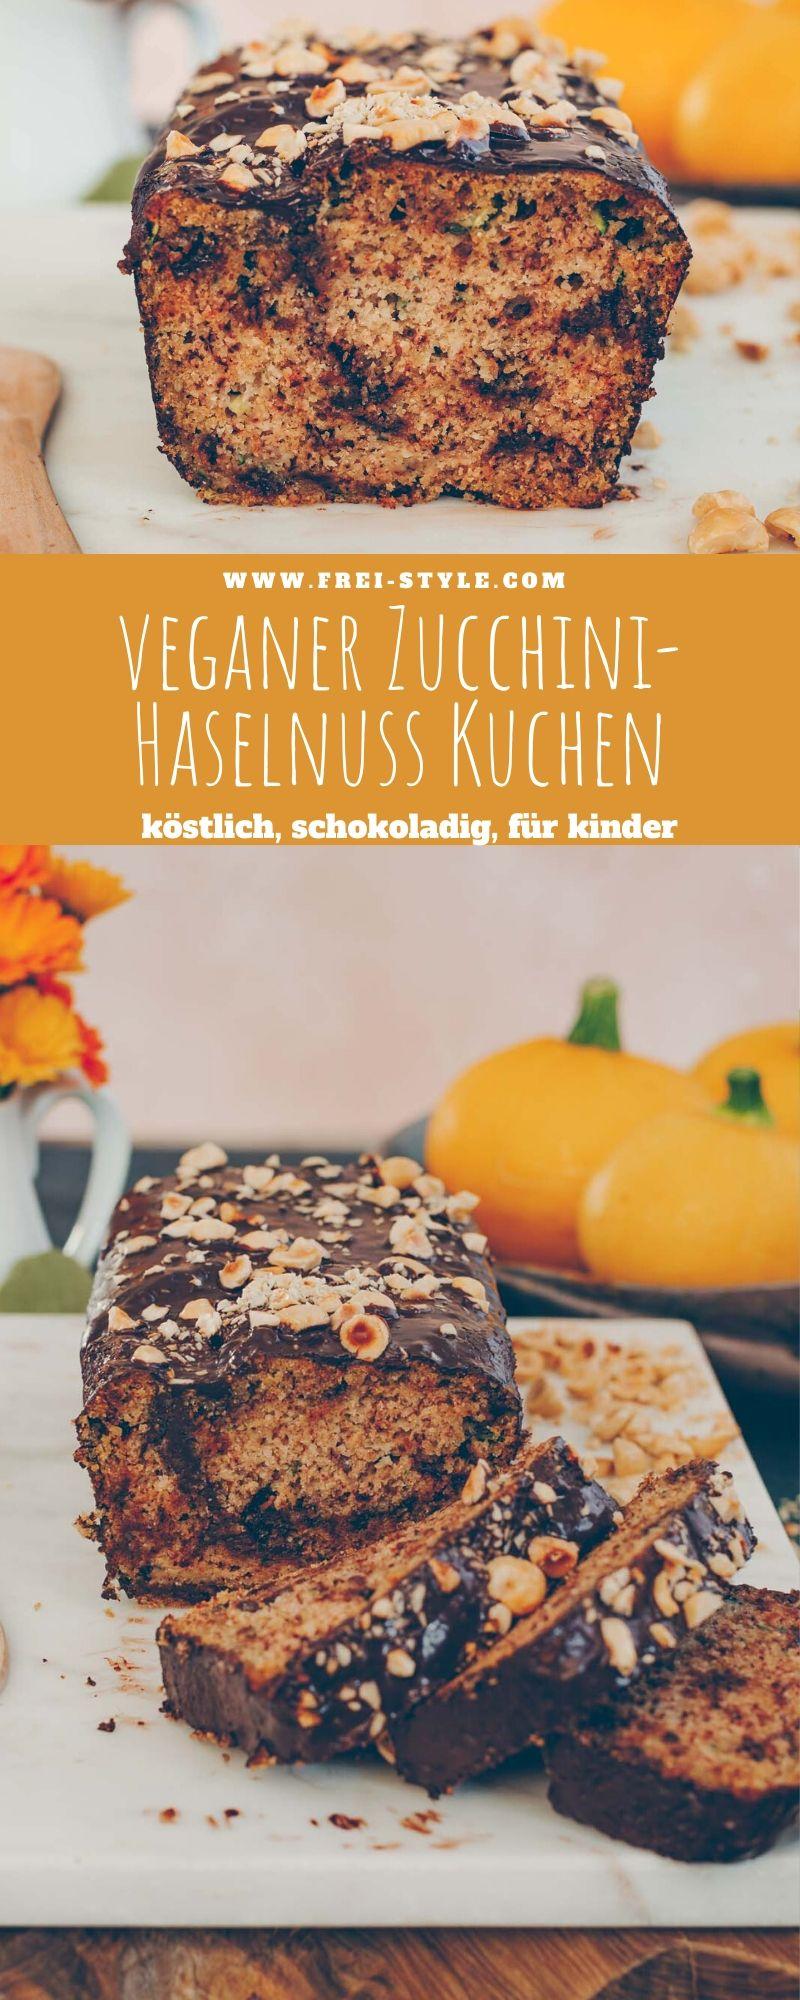 Zucchini-Haselnuss Kuchen